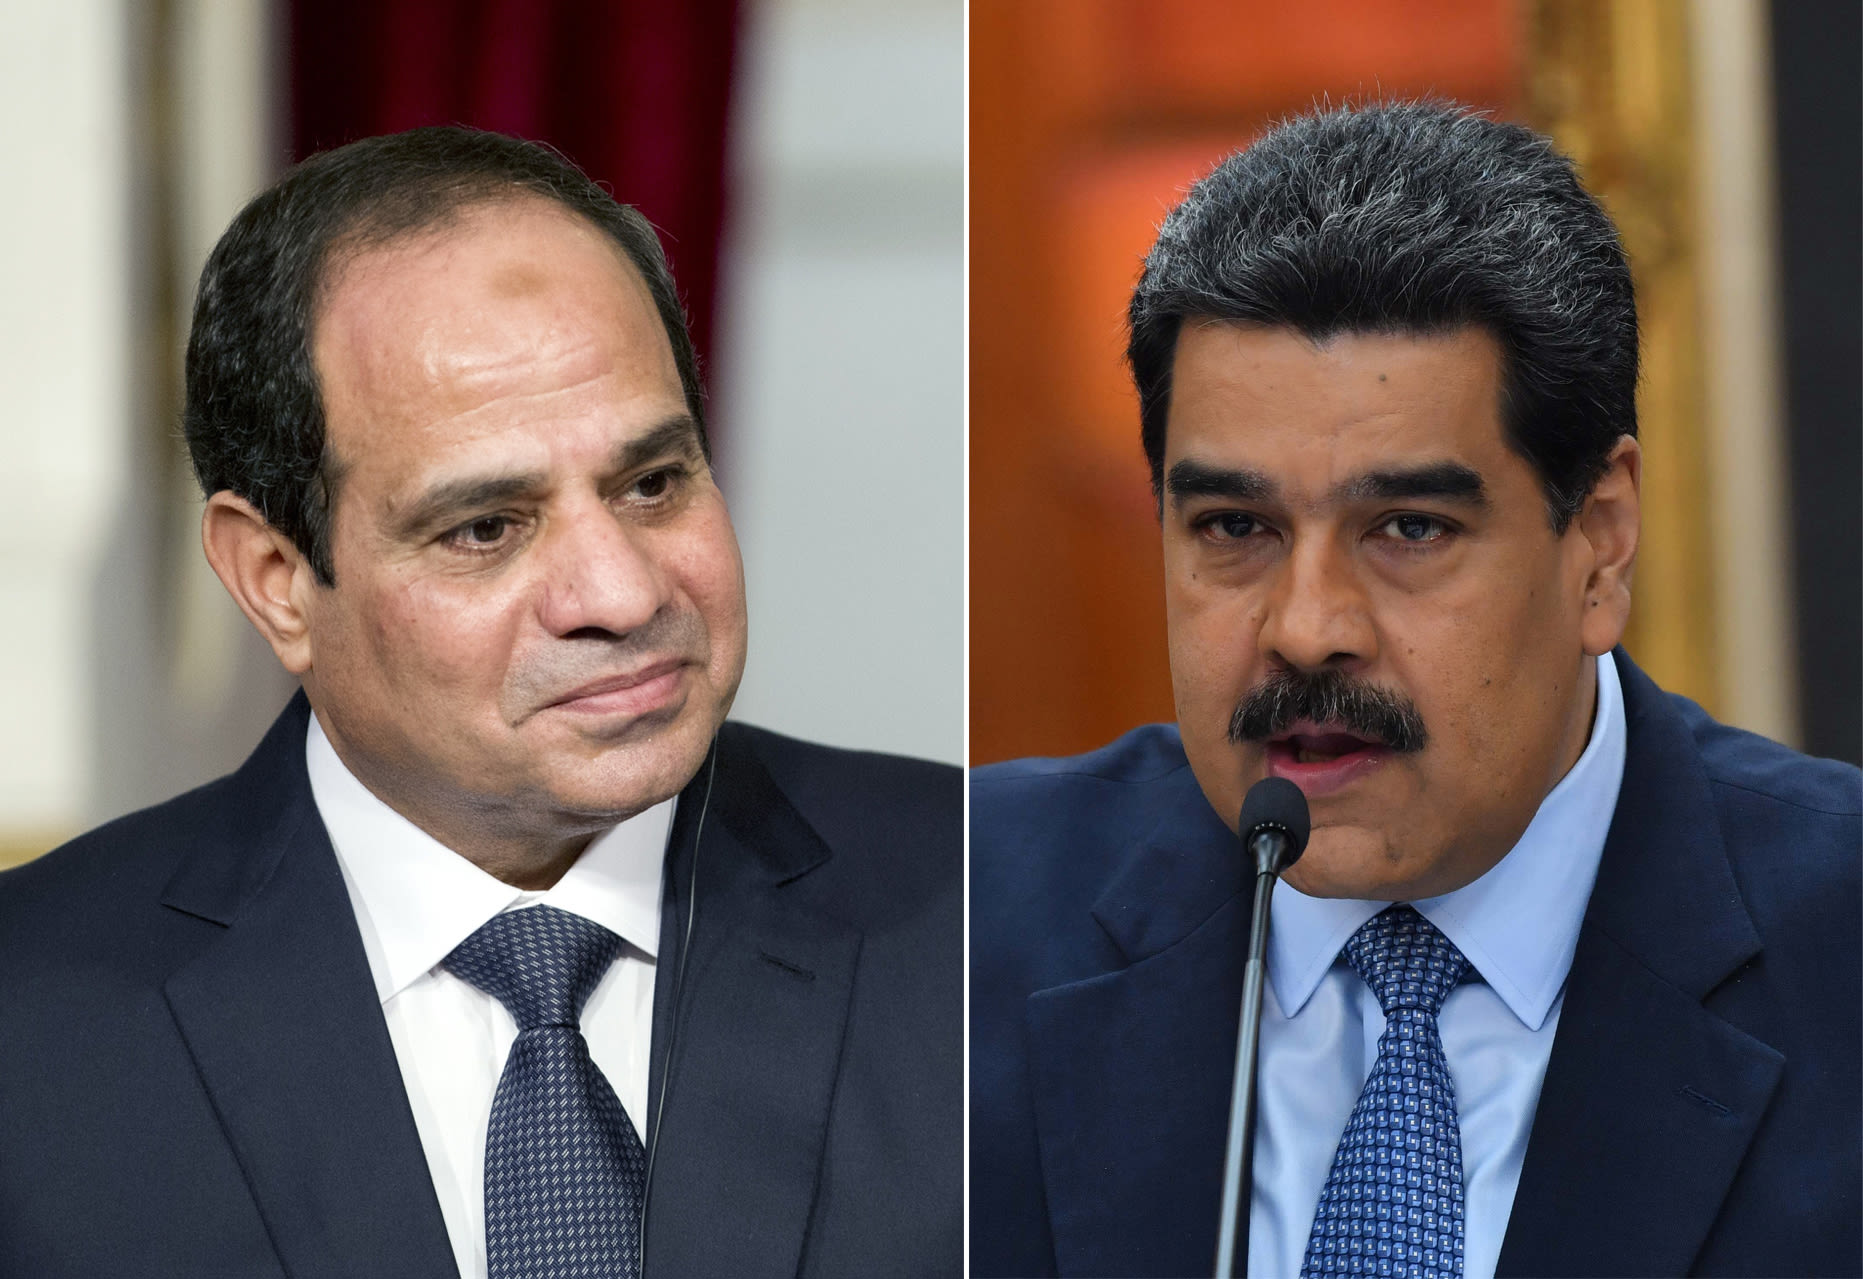 """السفارة الأمريكية في مصر تثير ضجة بتغريدة عن """"الديكتاتورية"""" و""""القمع"""""""